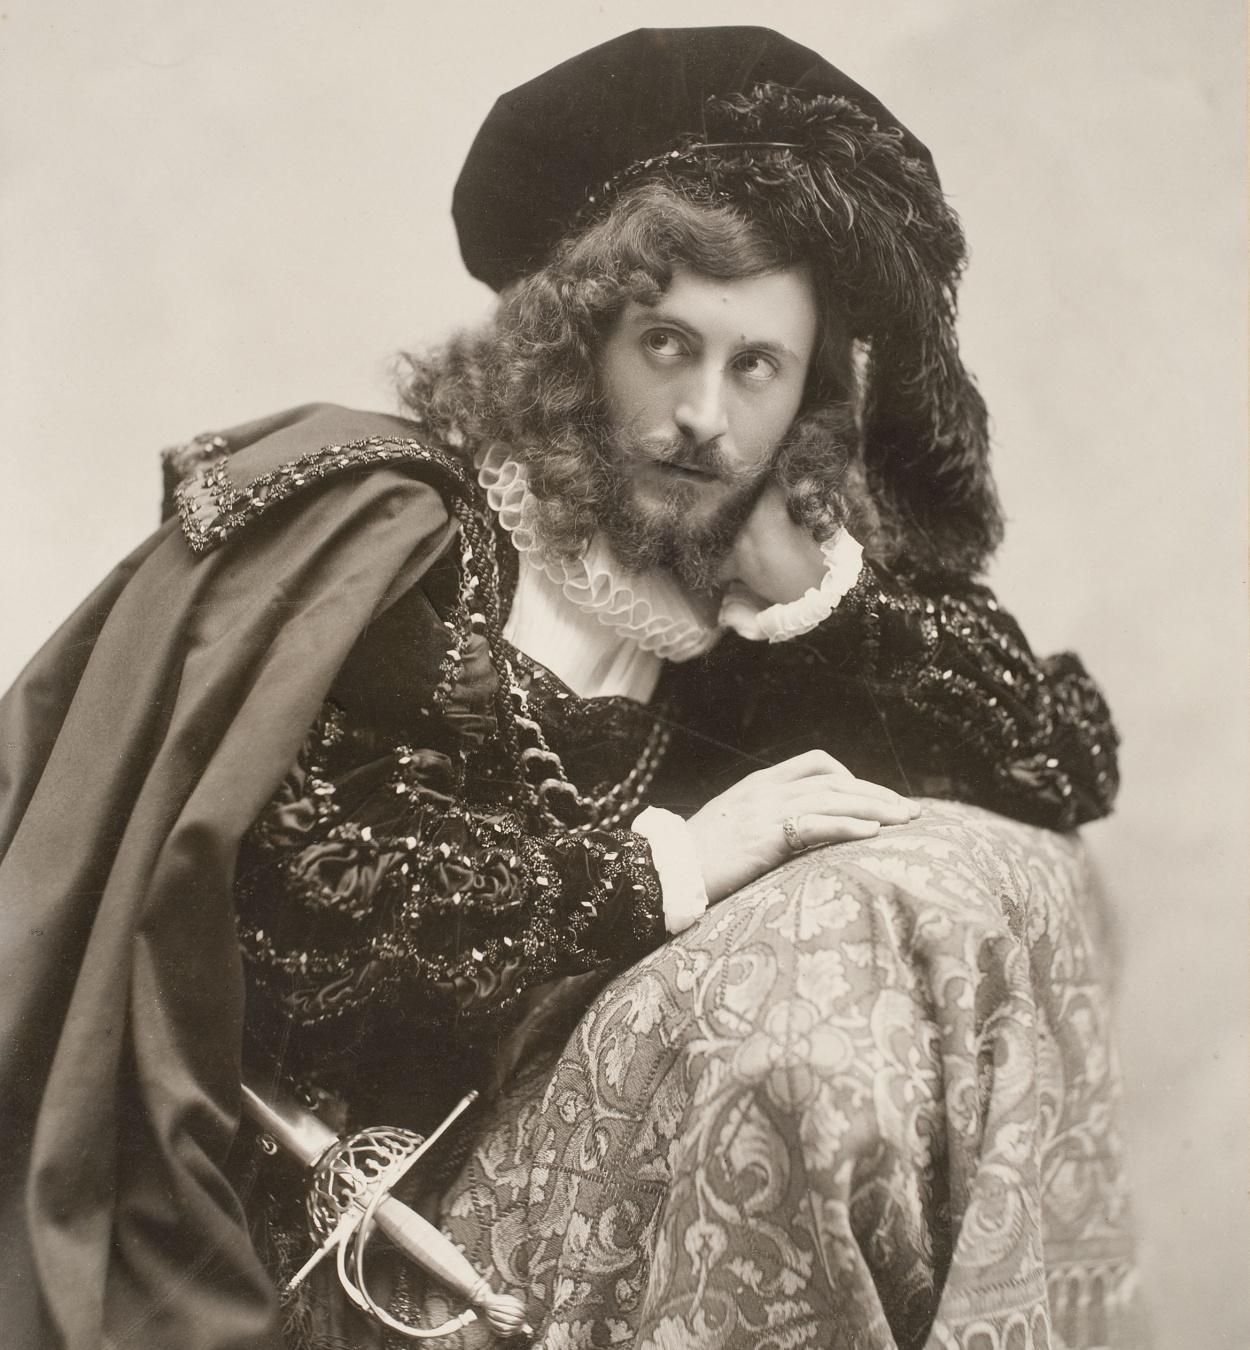 Pau Audouard - Portrait of Eusebi Bertrand Serra dressed as Hamlet - Undated